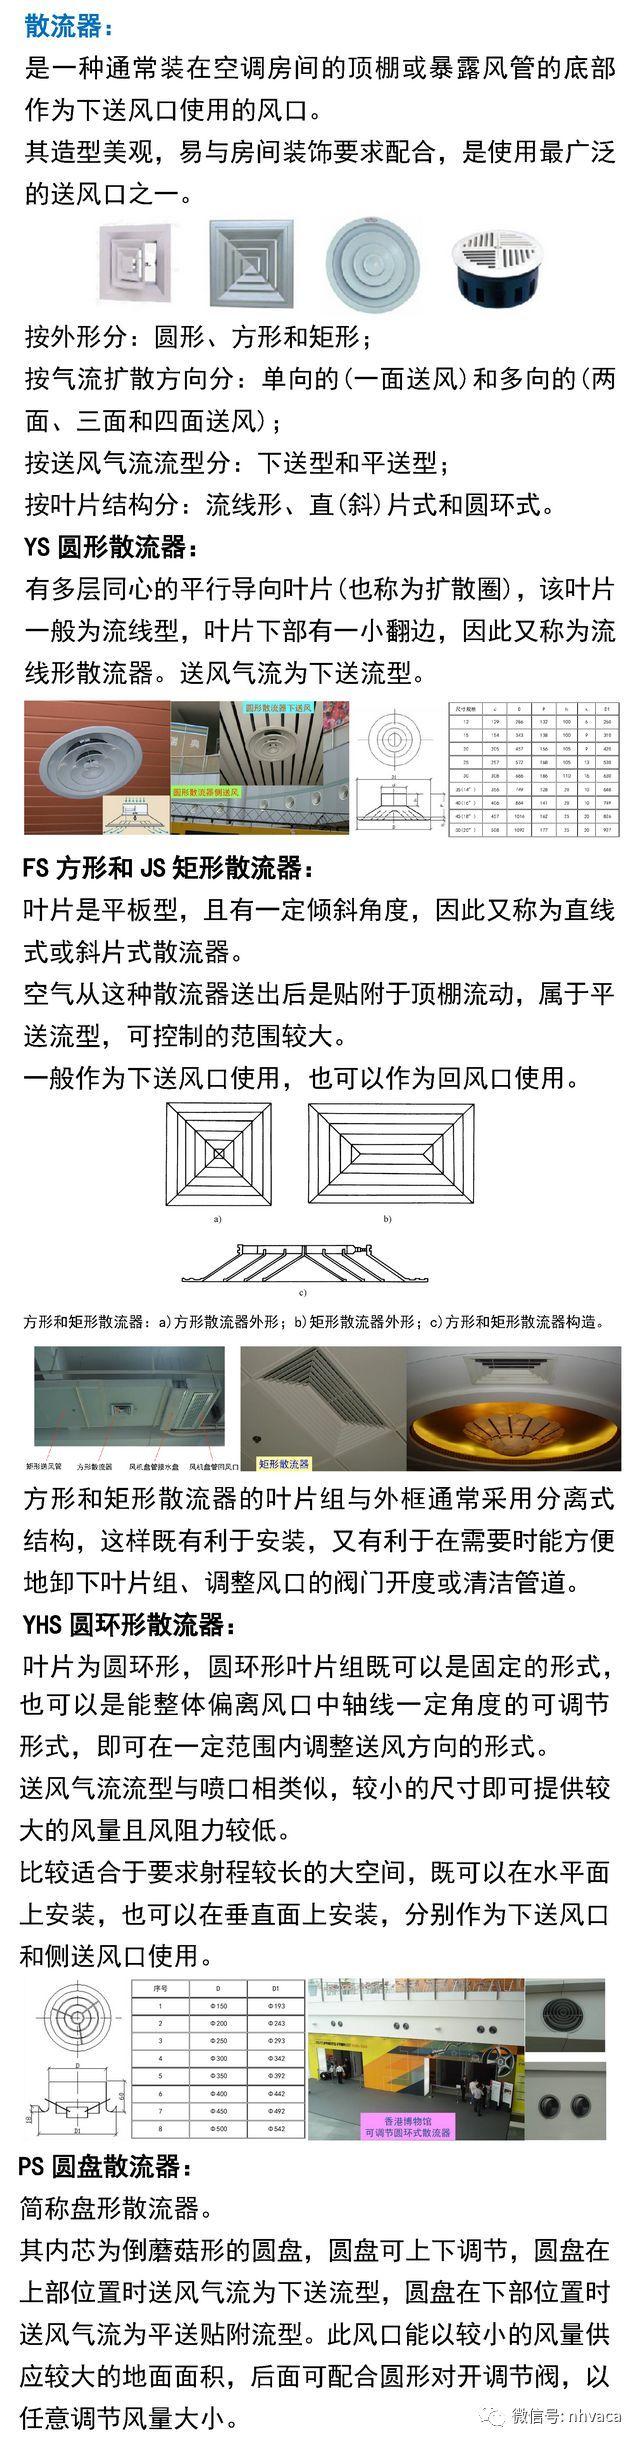 风口散流器与气流组织综合应用手册_4